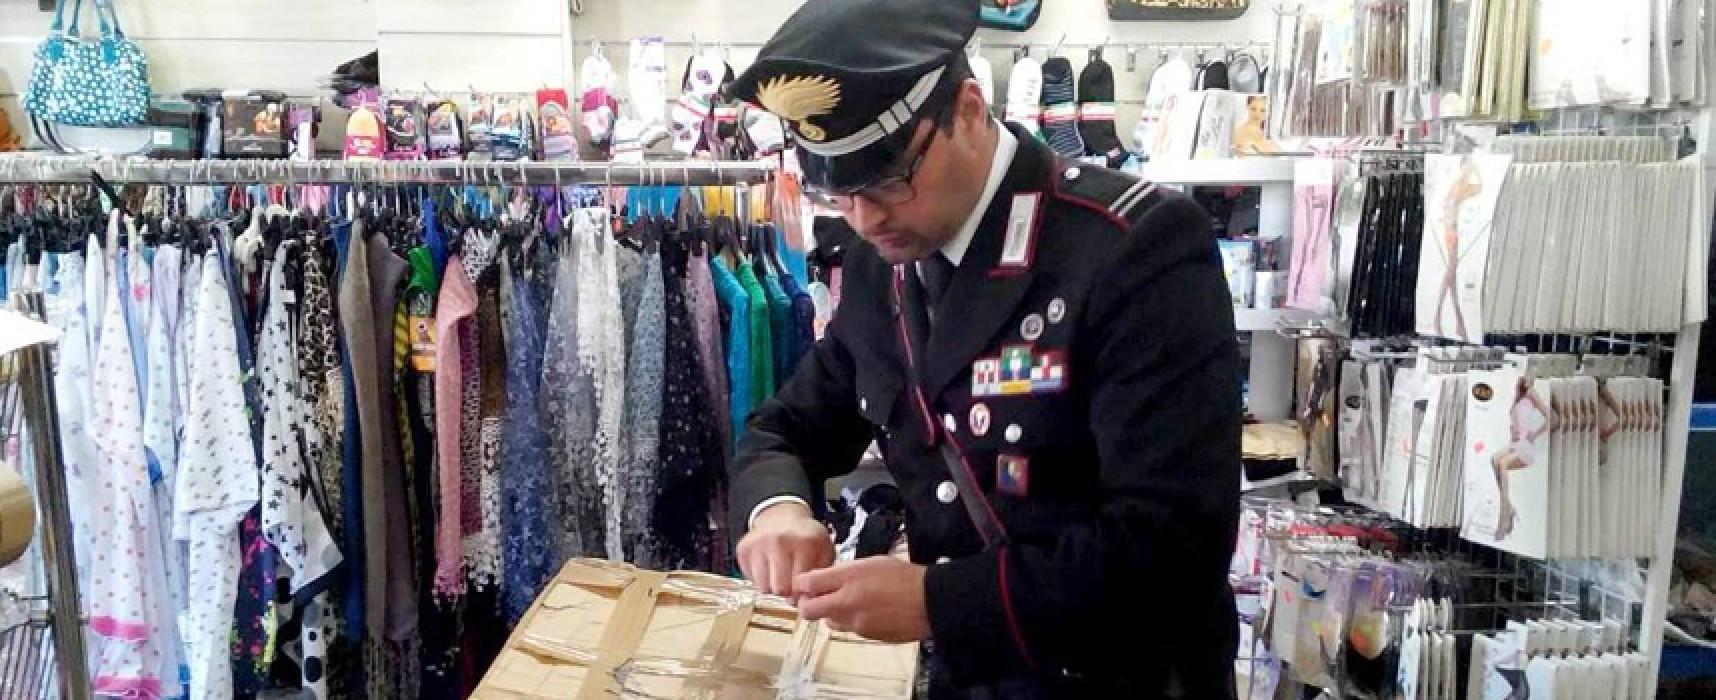 """Articoli senza marchio """"Ce"""", maxi sequestro dei Carabinieri in negozi cinesi di Bisceglie e Trani"""